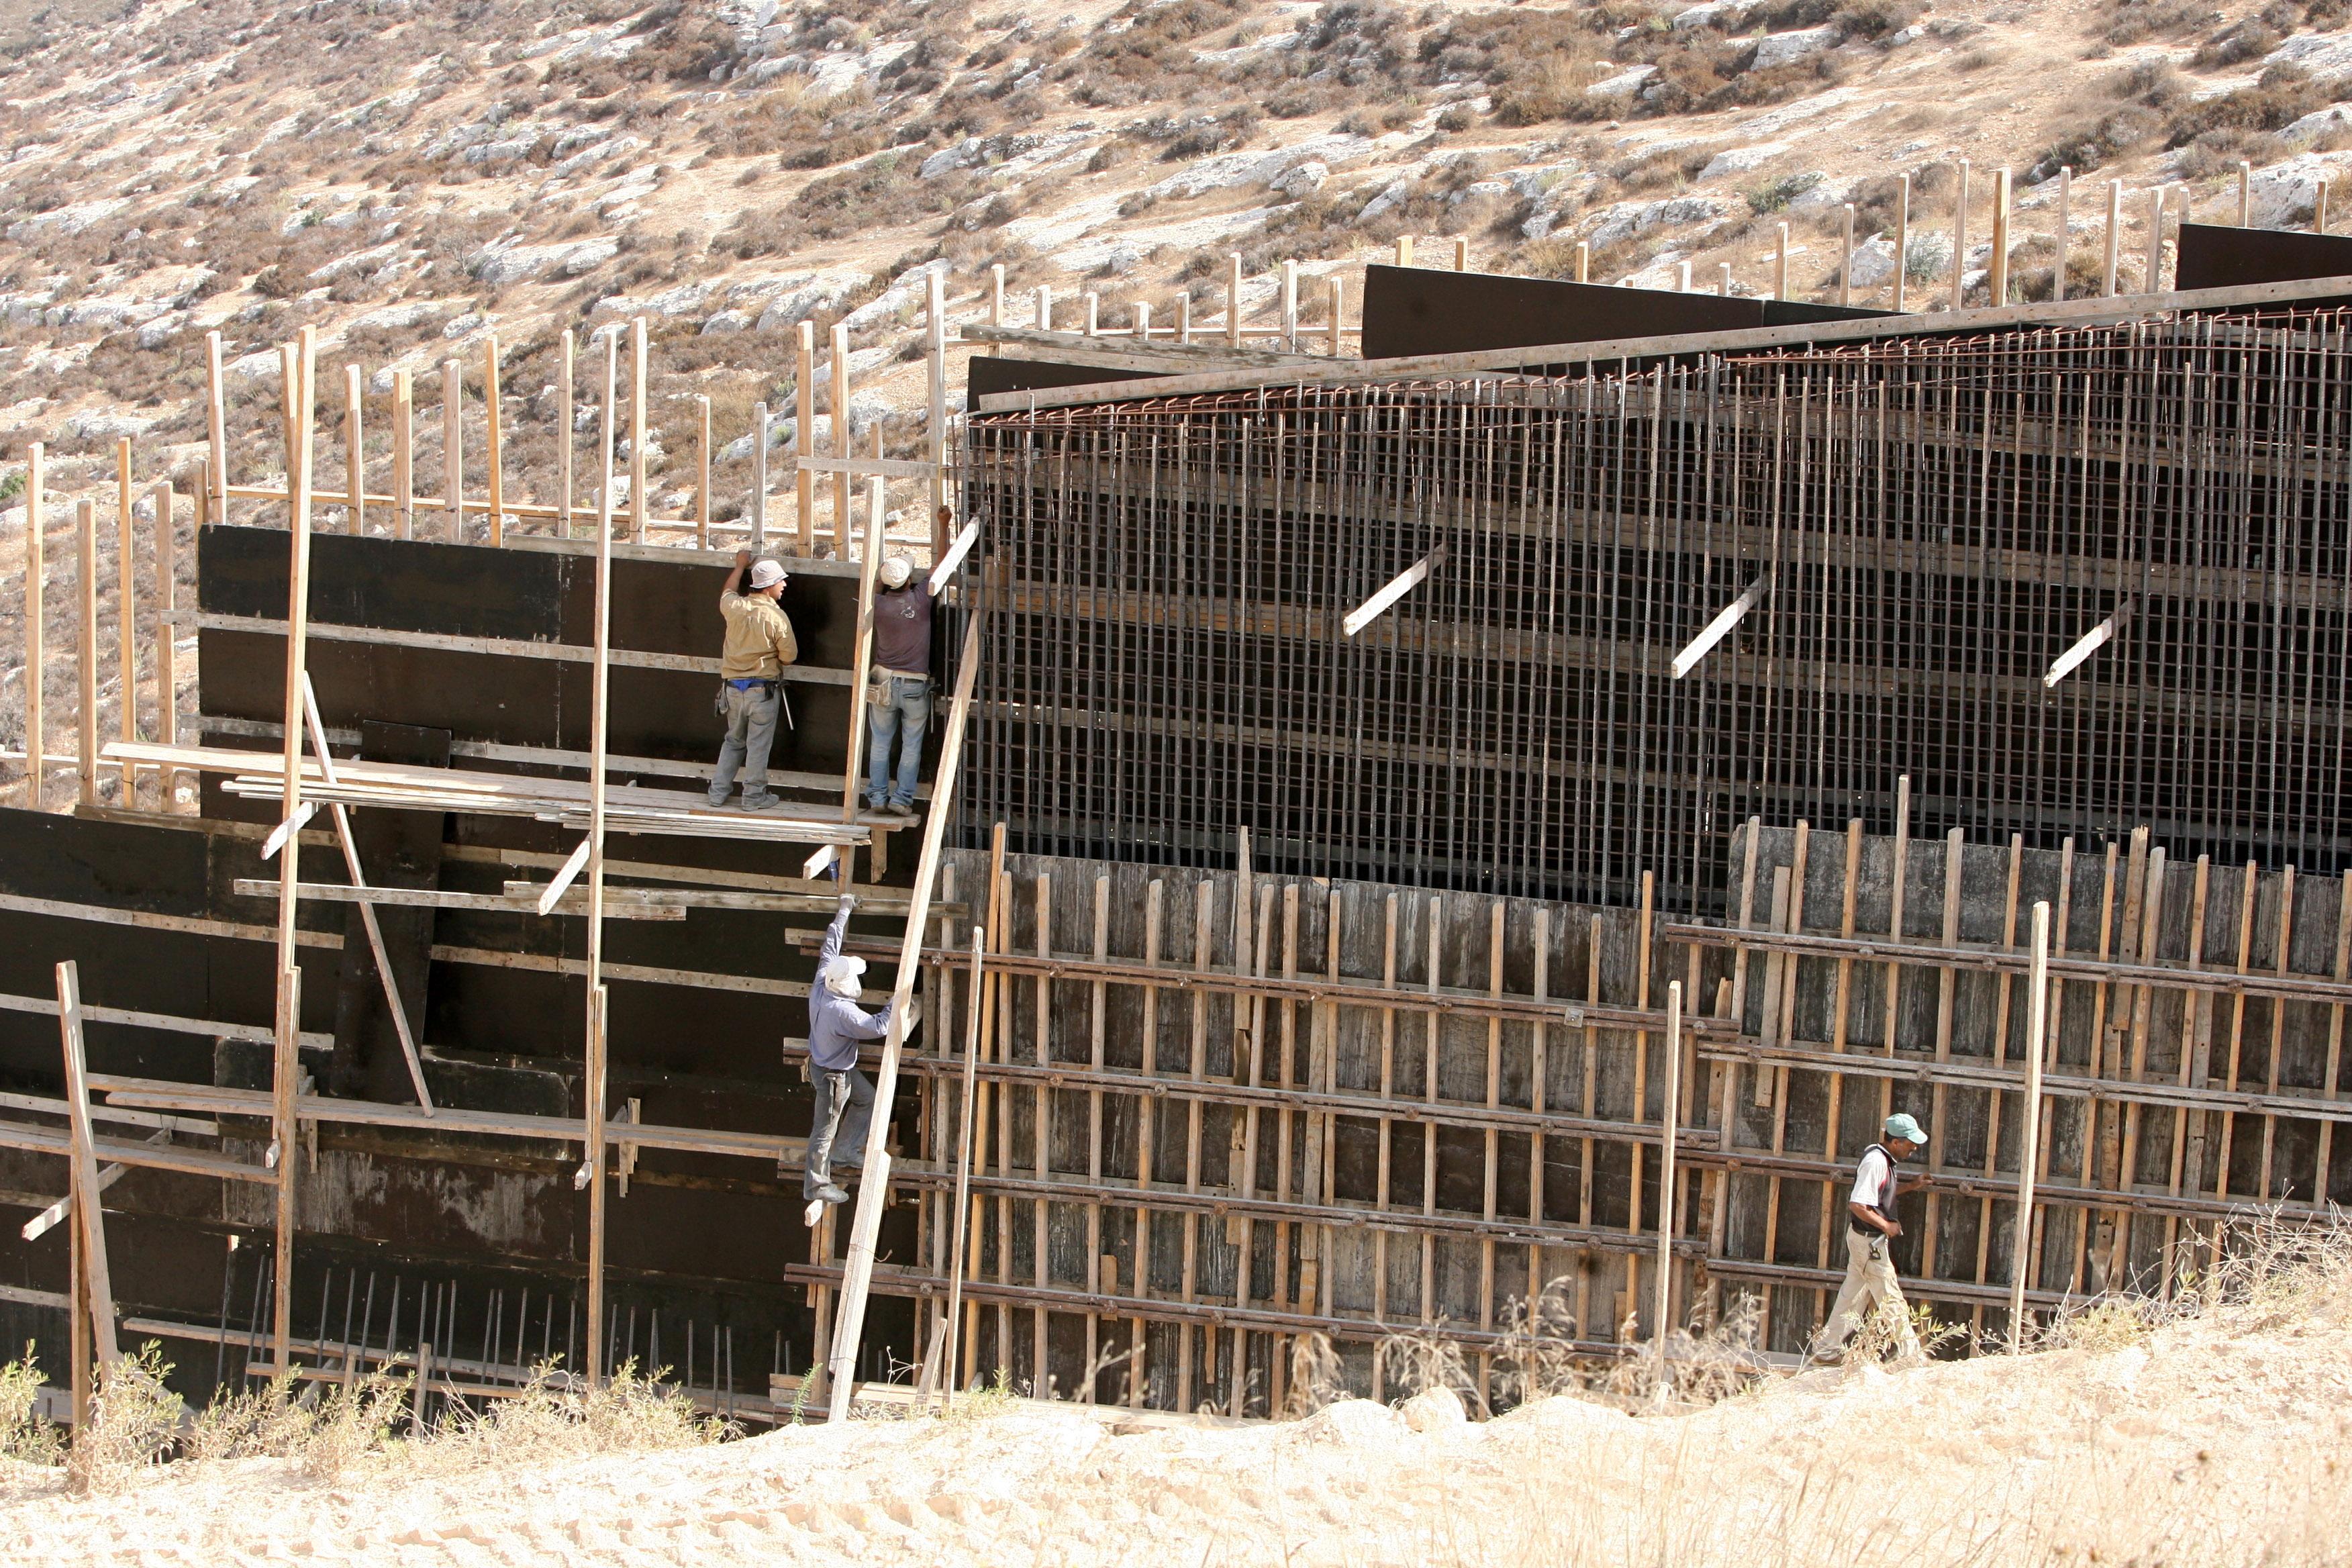 Cтроительство спорного израильского разделительного барьера возле деревни на Западном берегу. Фото: EPA